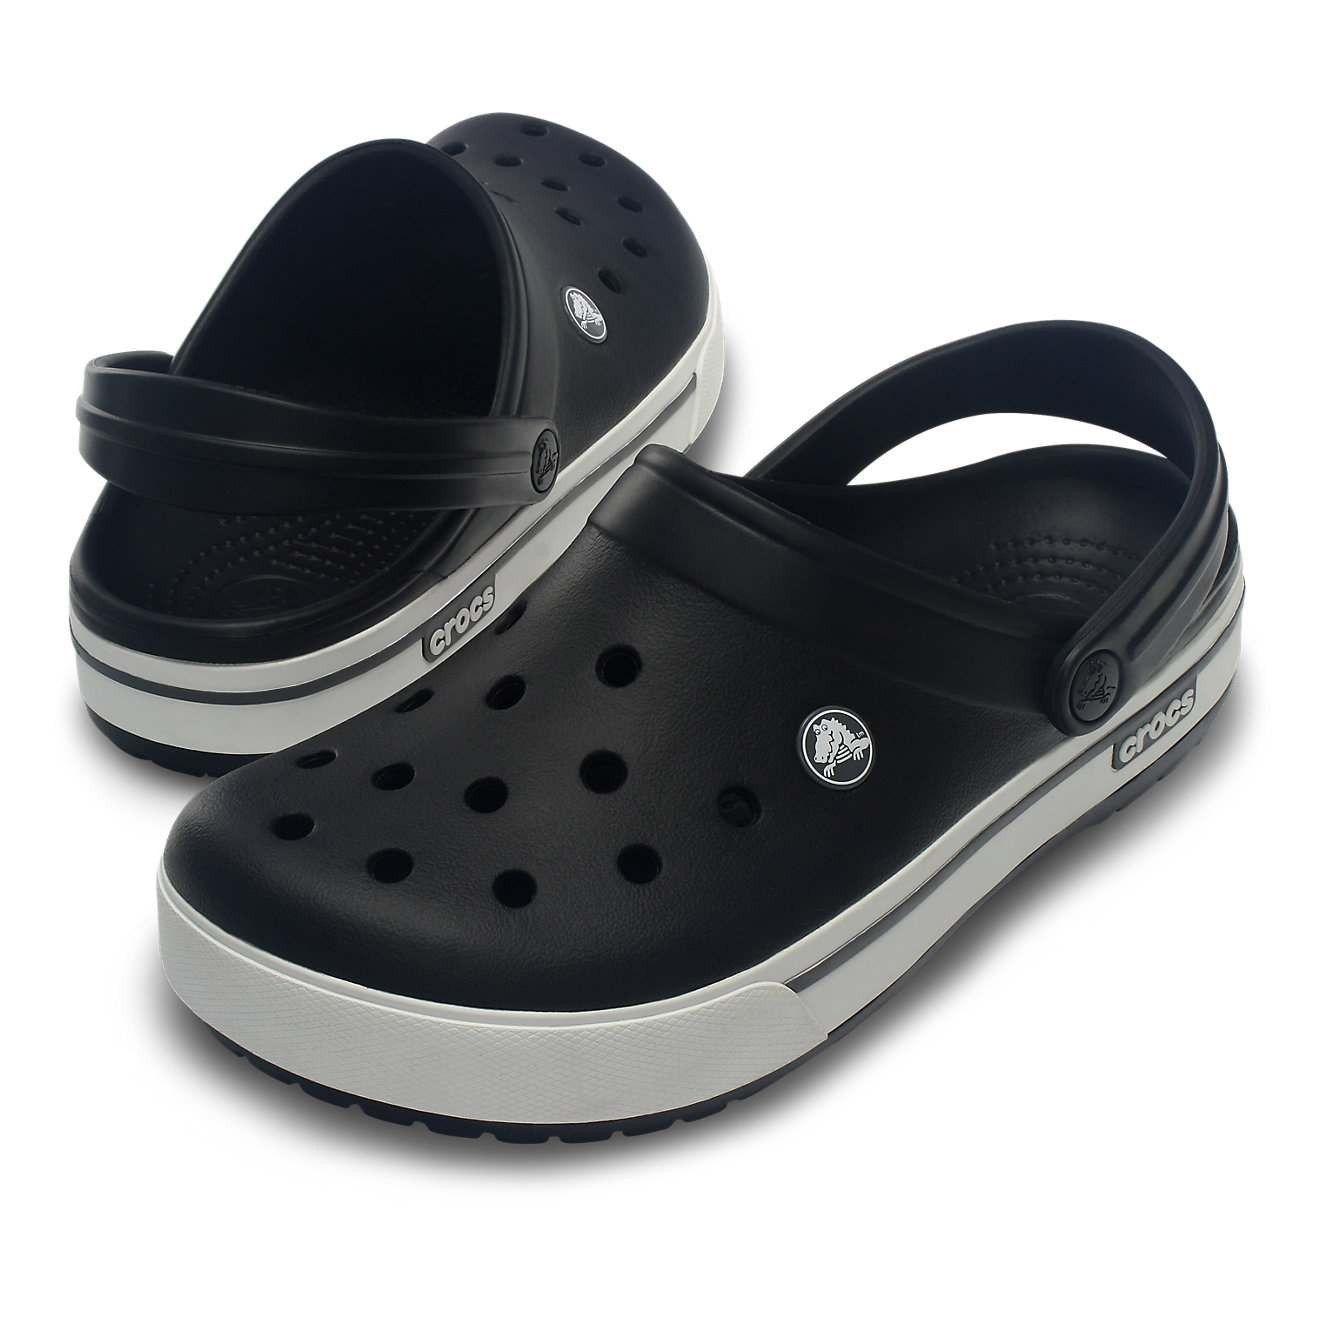 Imagen relacionada Crocs crocband, Crocs, Clogs